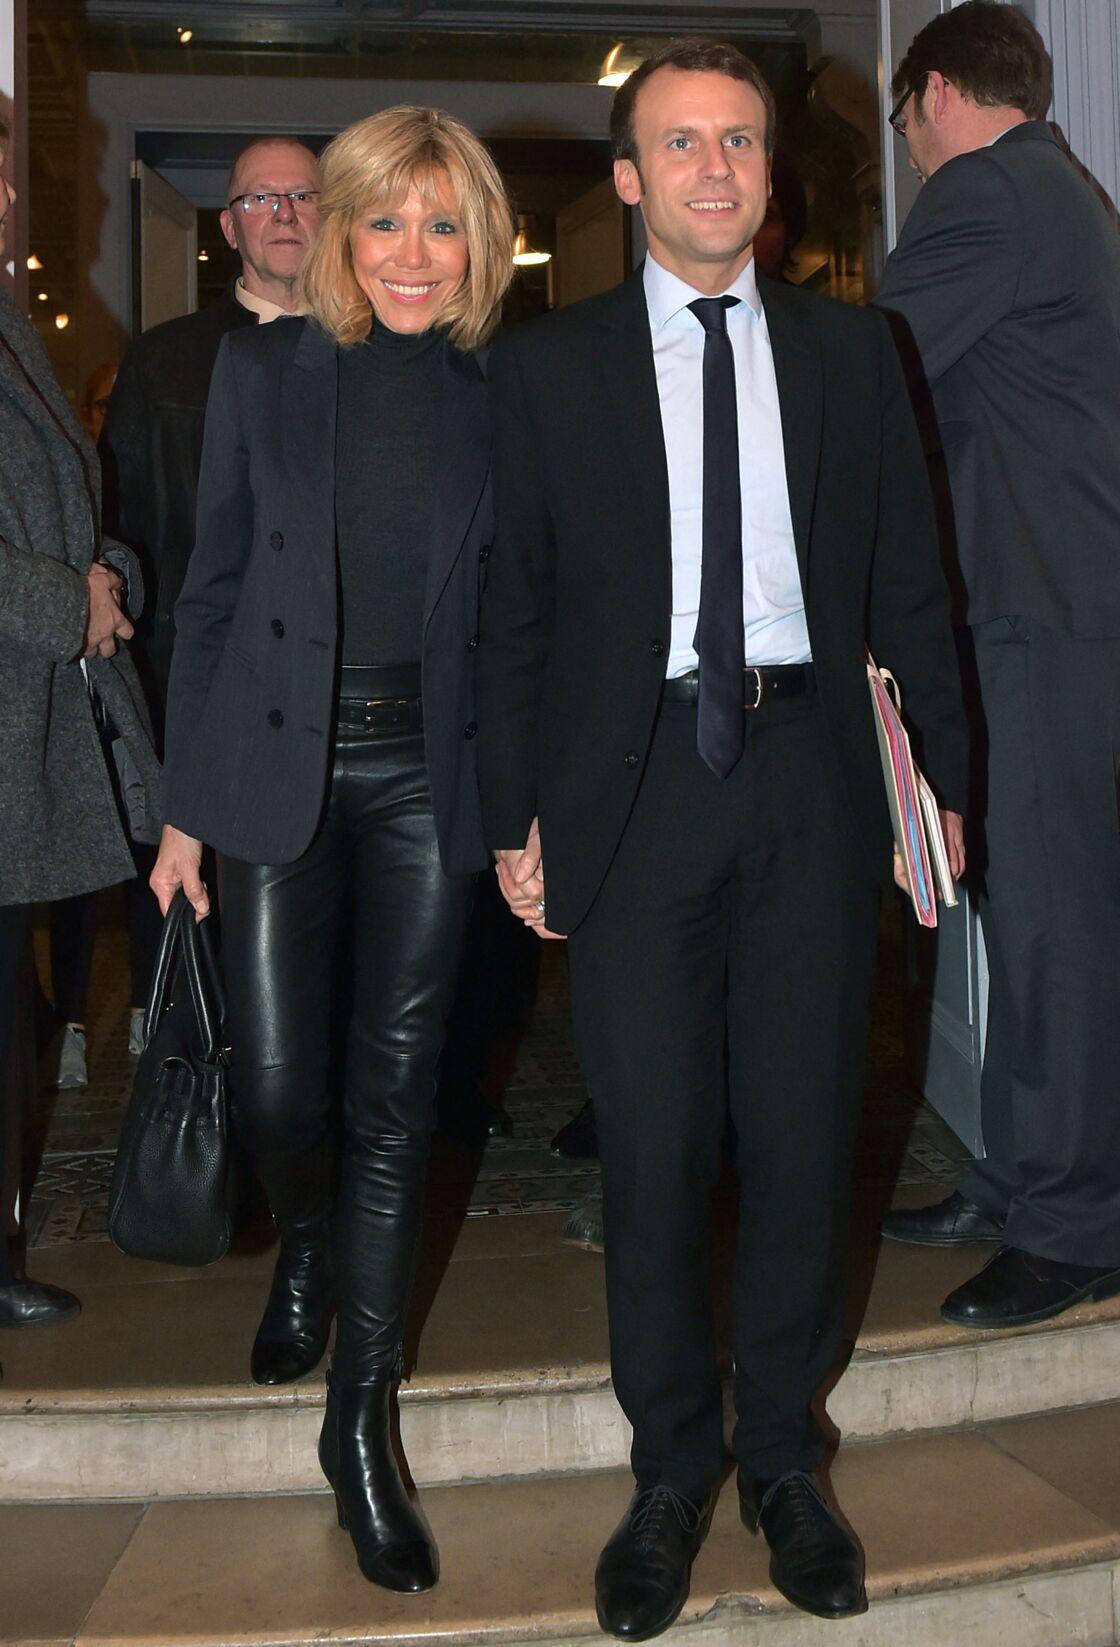 Au côté d'Emmanuel, Brigitte Macron rayonne. Sur ce cliché datant de 2016, le couple retourne à Amiens, là où tout a commencé...